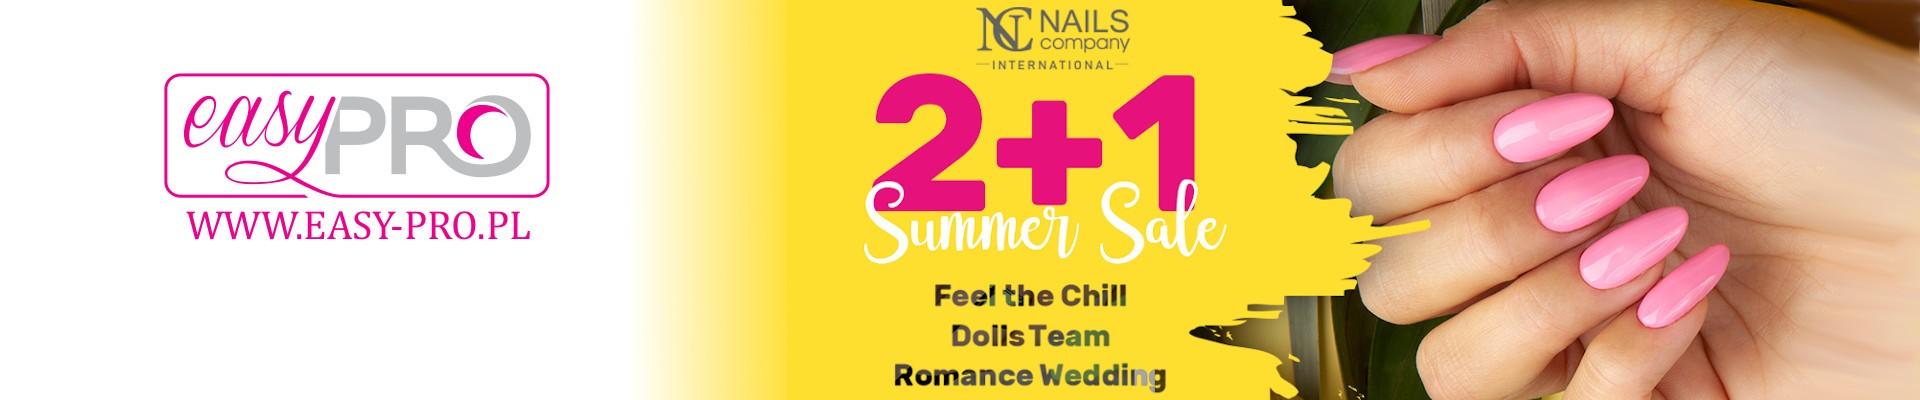 Nails Company promocja 2+1